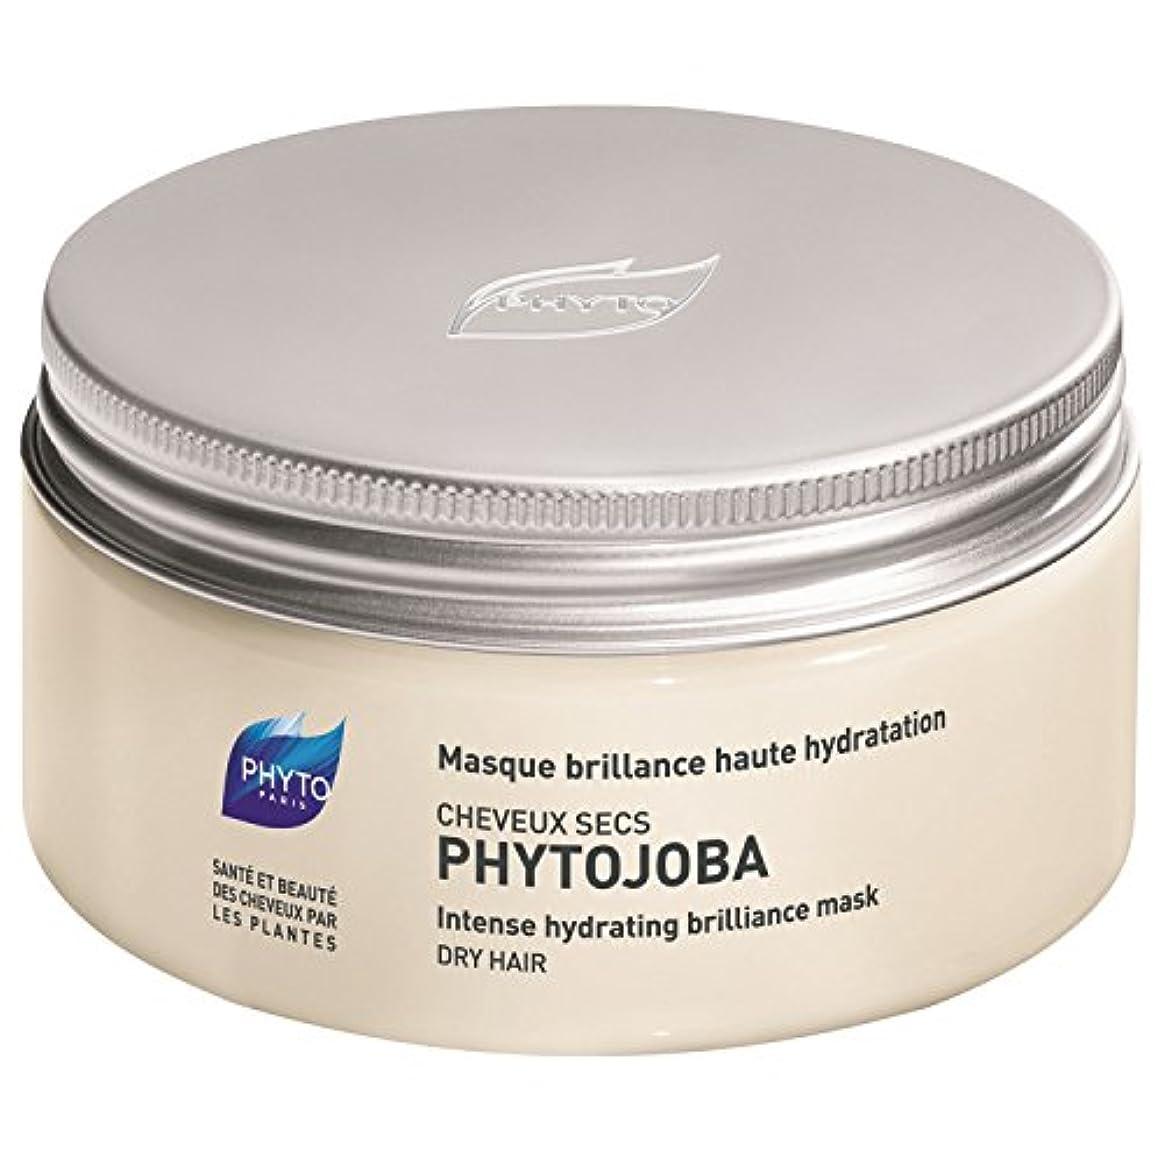 テーブル無一文血フィトPhytojoba強烈な水分補給マスク200ミリリットル (Phyto) (x2) - Phyto Phytojoba Intense Hydrating Mask 200ml (Pack of 2) [並行輸入品]